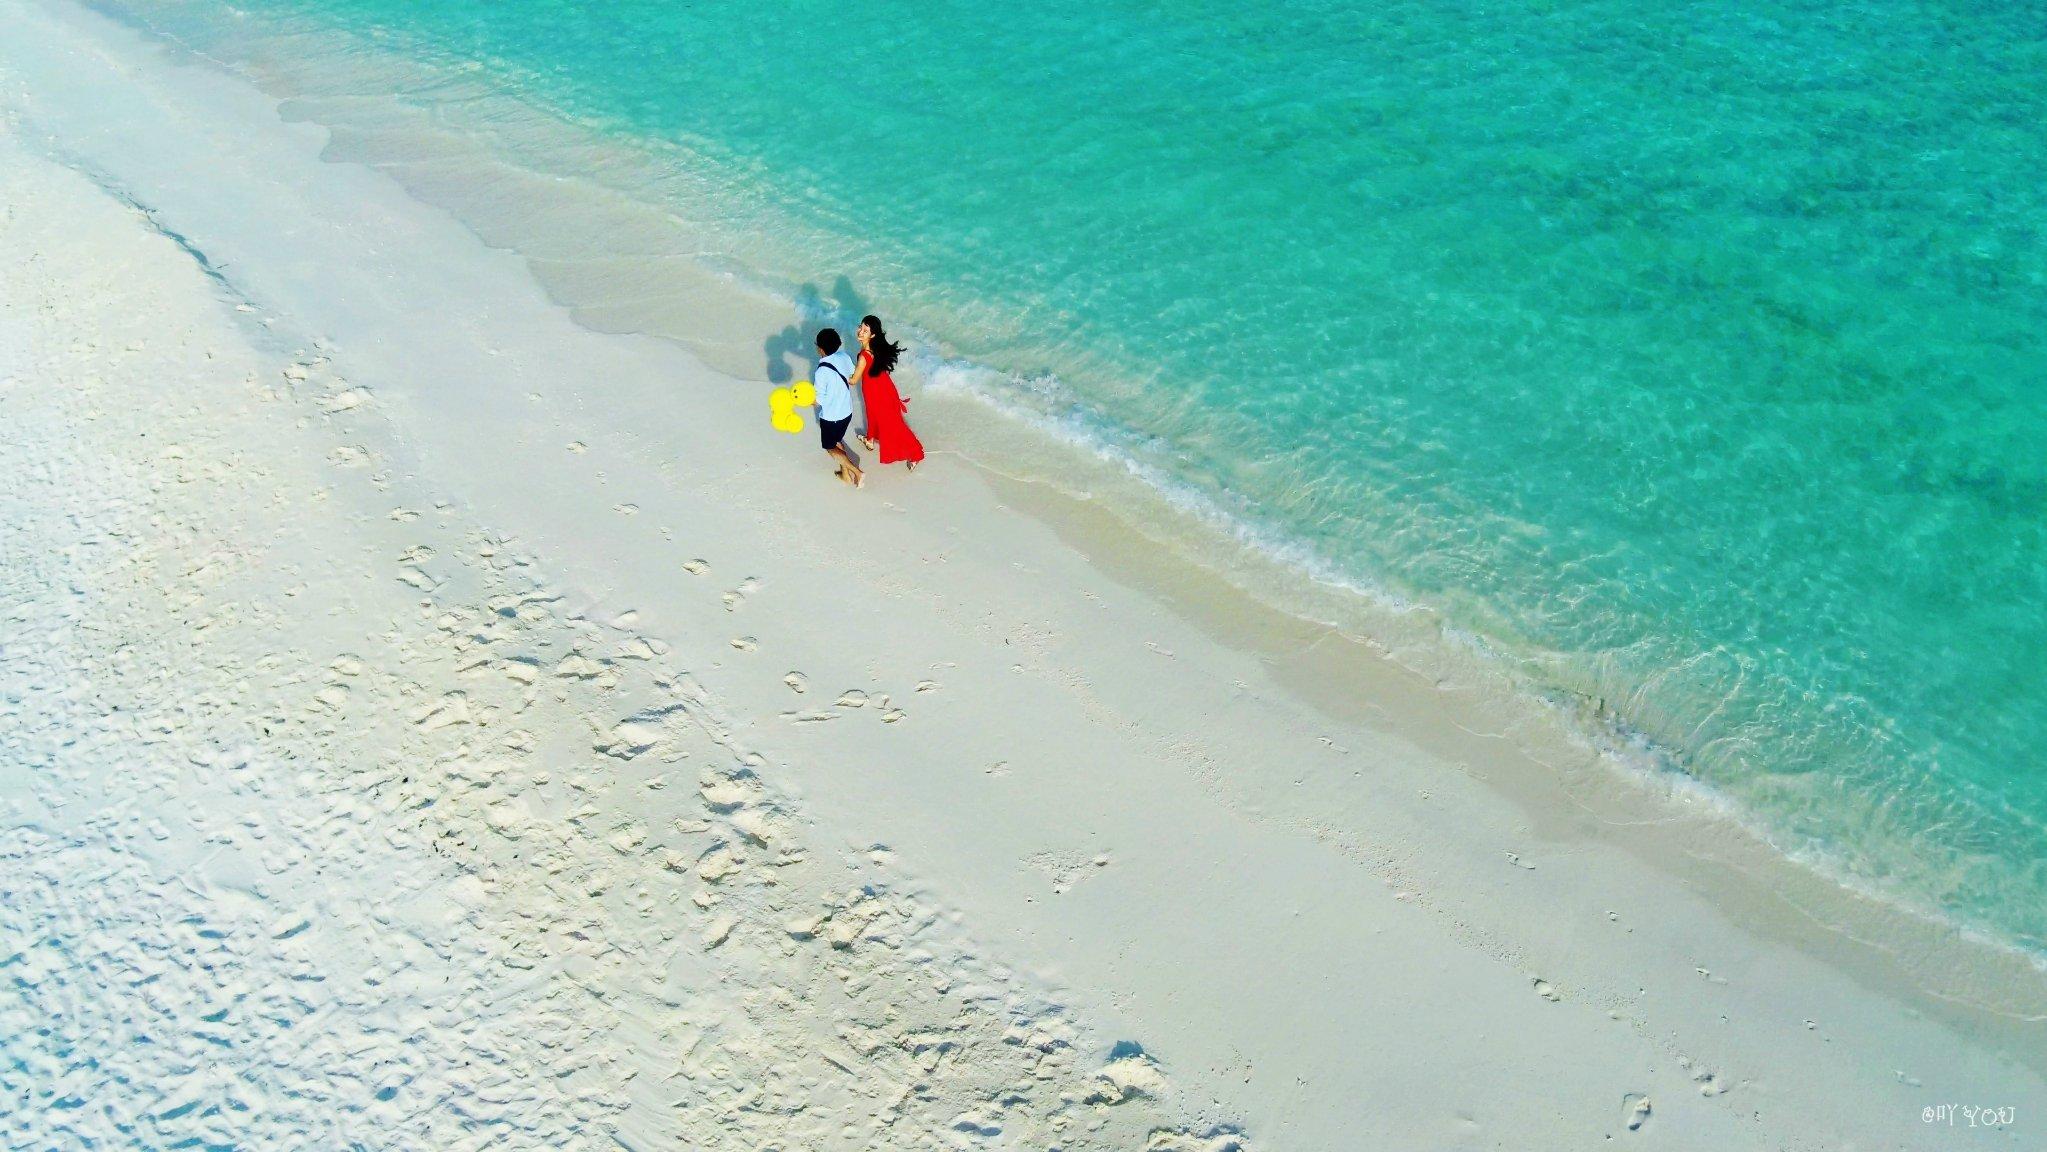 【我们的第一次留在这片海】7日马尔代夫自拍婚纱+3日吉隆坡转机攻略